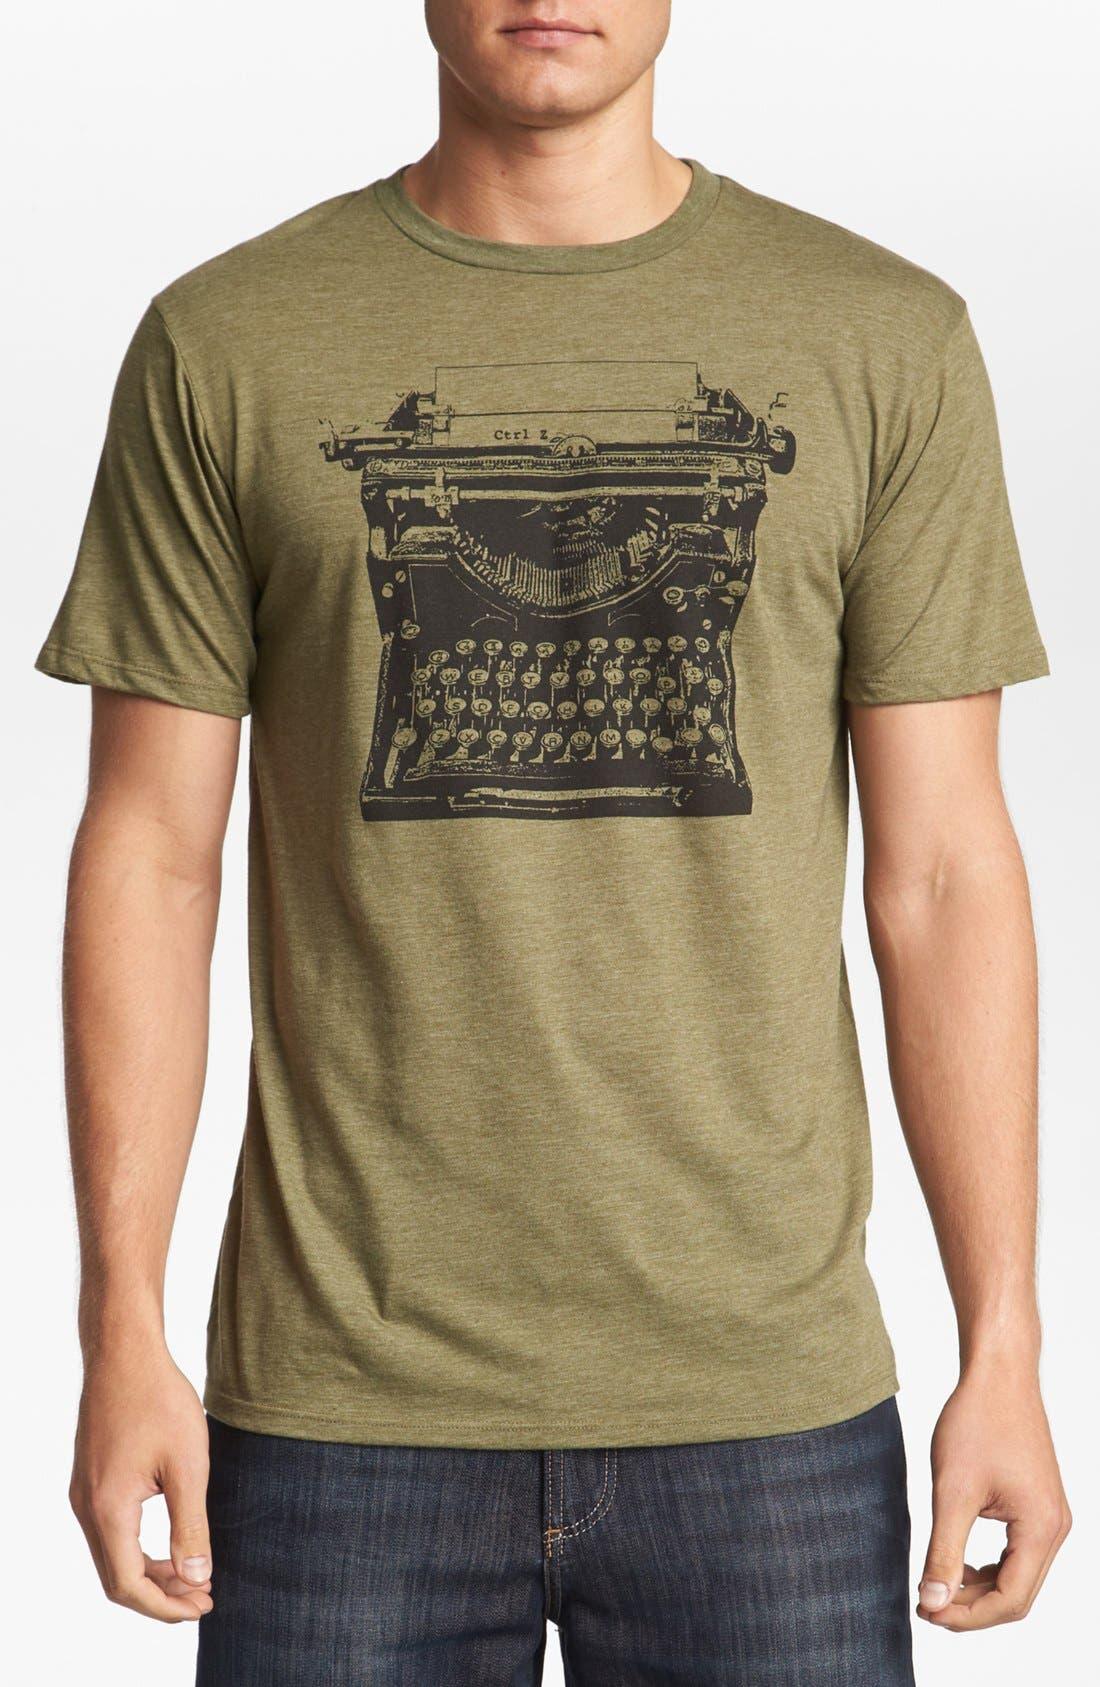 Alternate Image 1 Selected - HEADLINE SHIRTS 'Typewriter Ctrl Z' T-Shirt